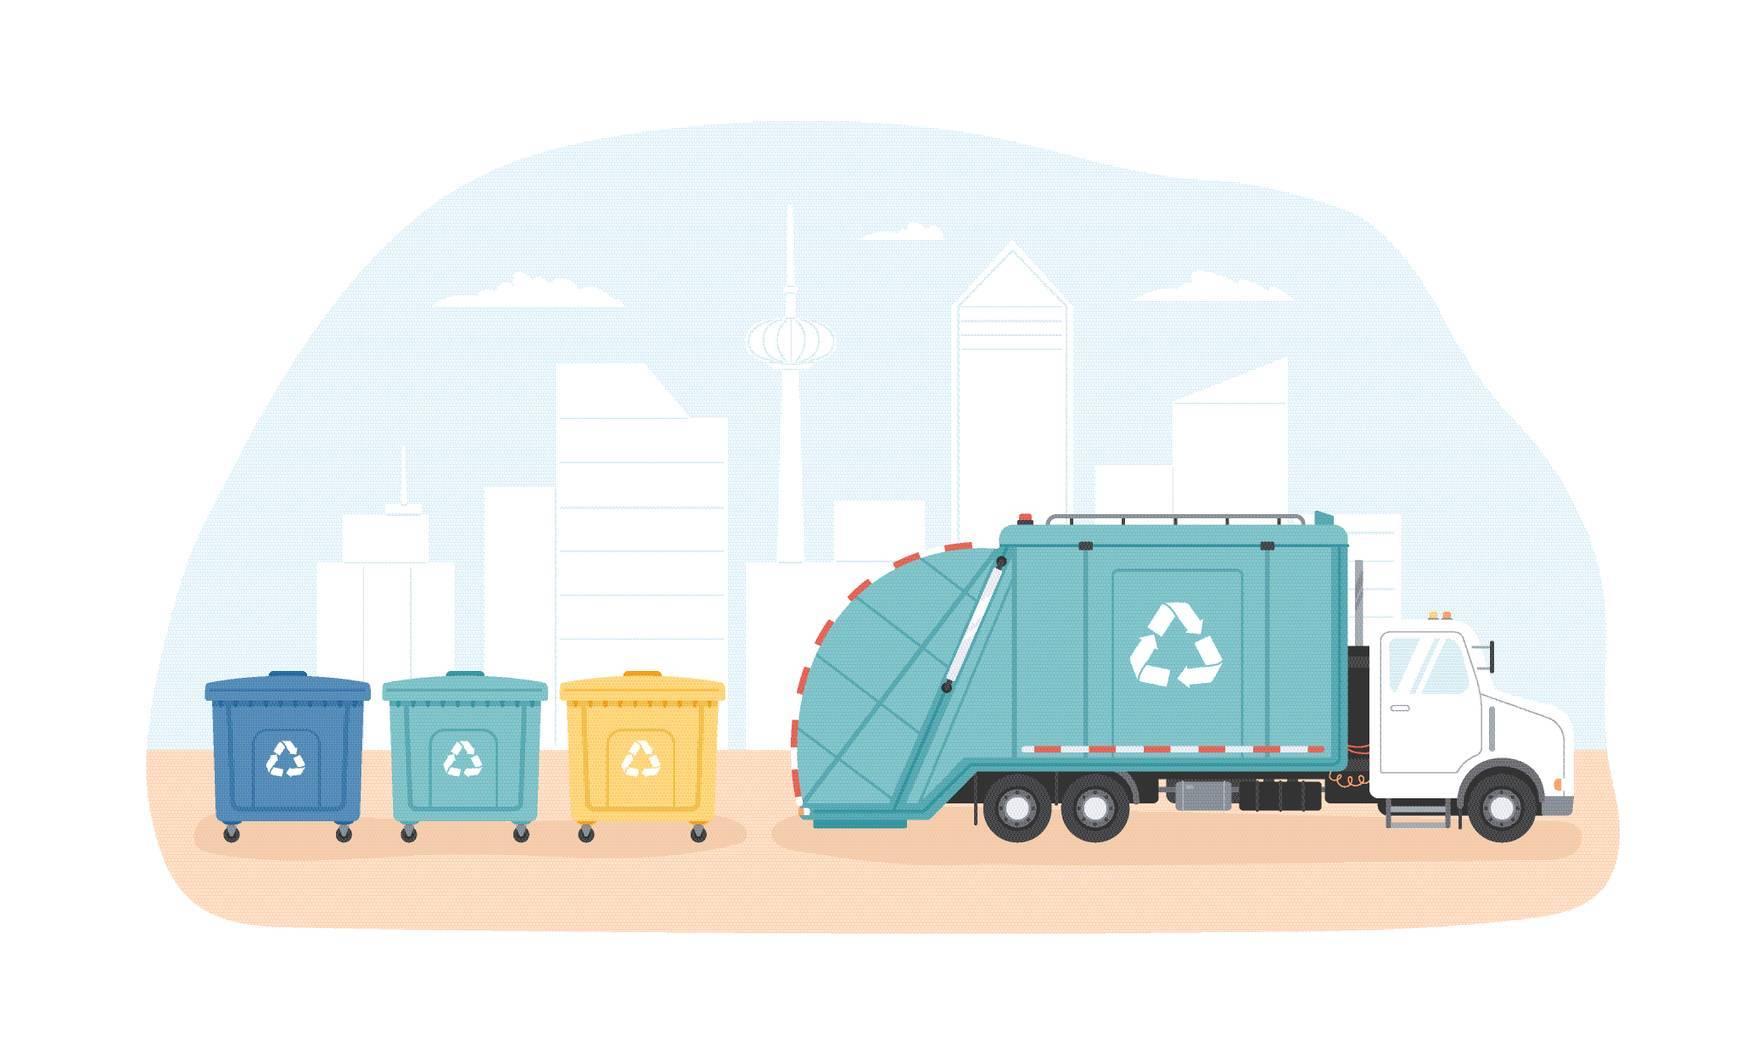 熊本の不用品回収業者おすすめランキング 口コミ 即日対応 買取サービスの有無から比較 まとめ